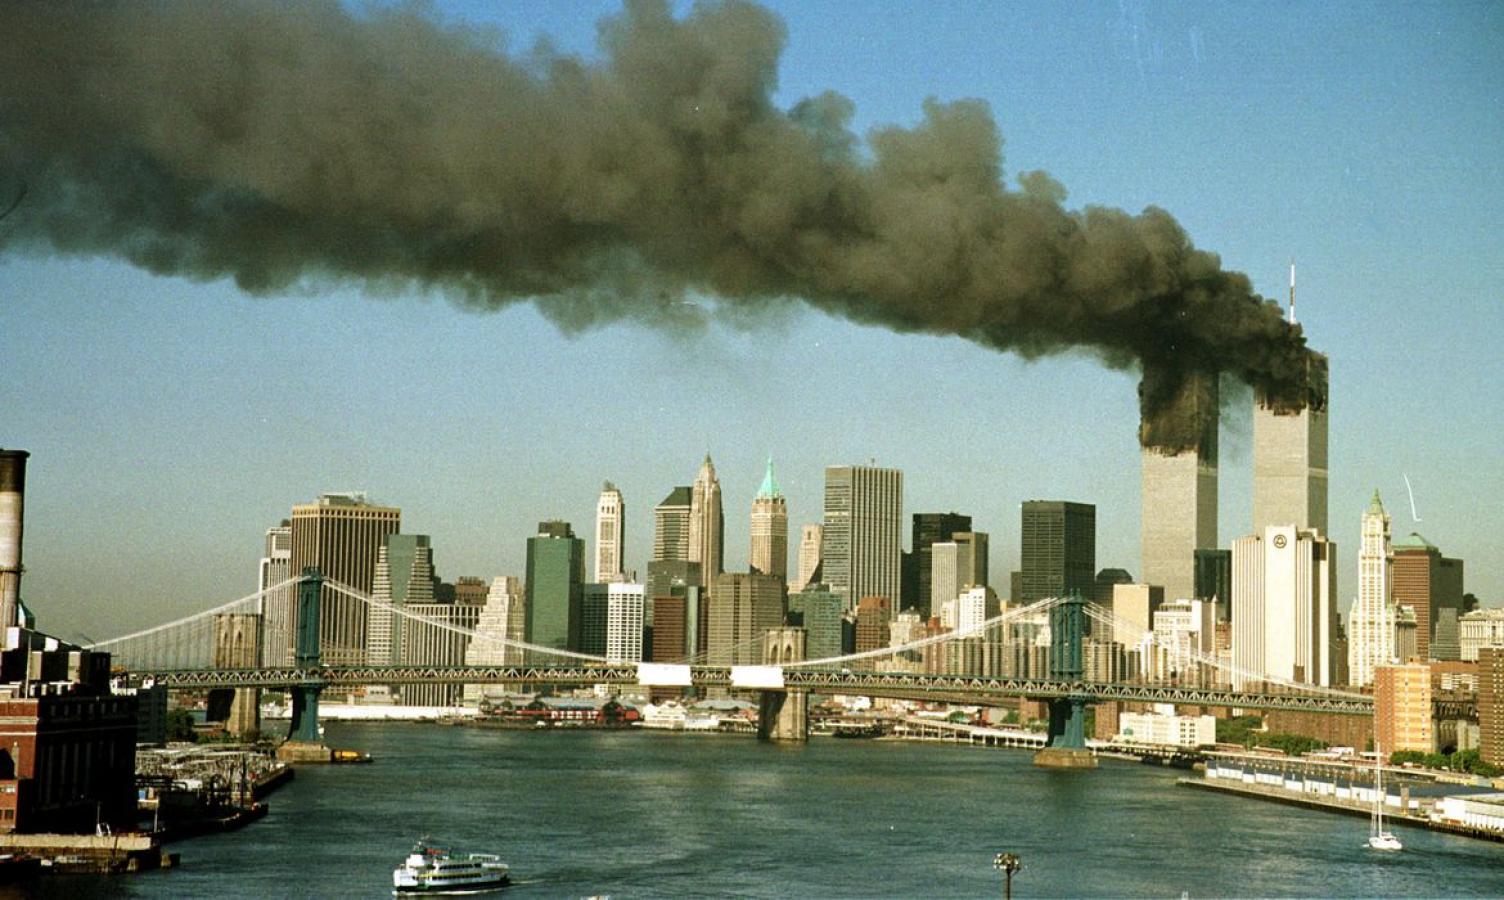 Ataque terrorista de 11 de setembro completa 20 anos